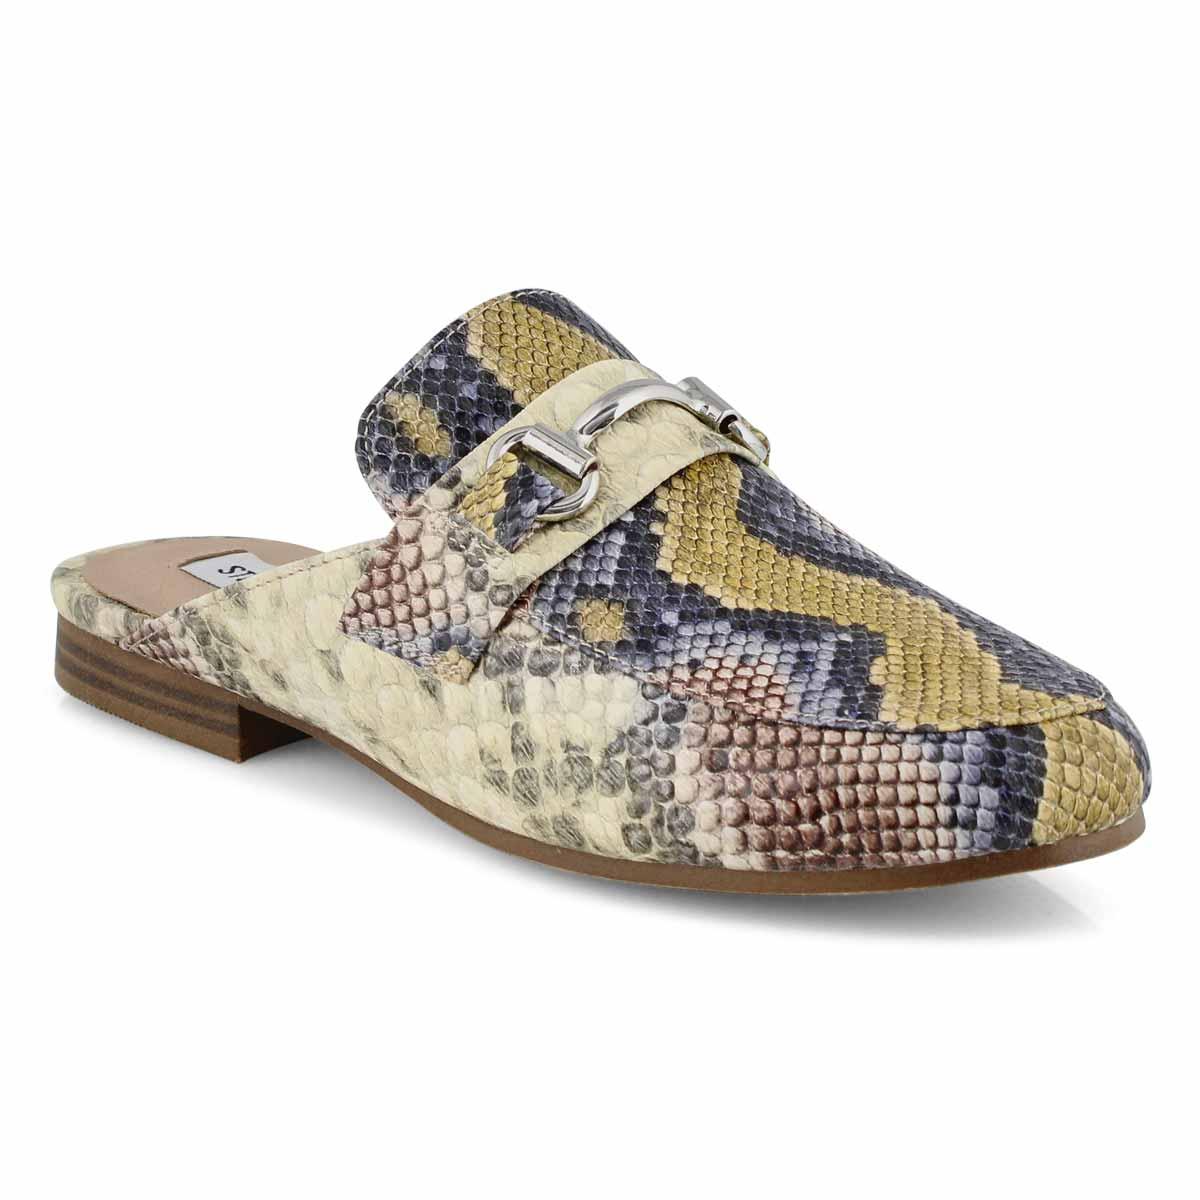 Lds Kandi yellow mlt slipon dress loafer